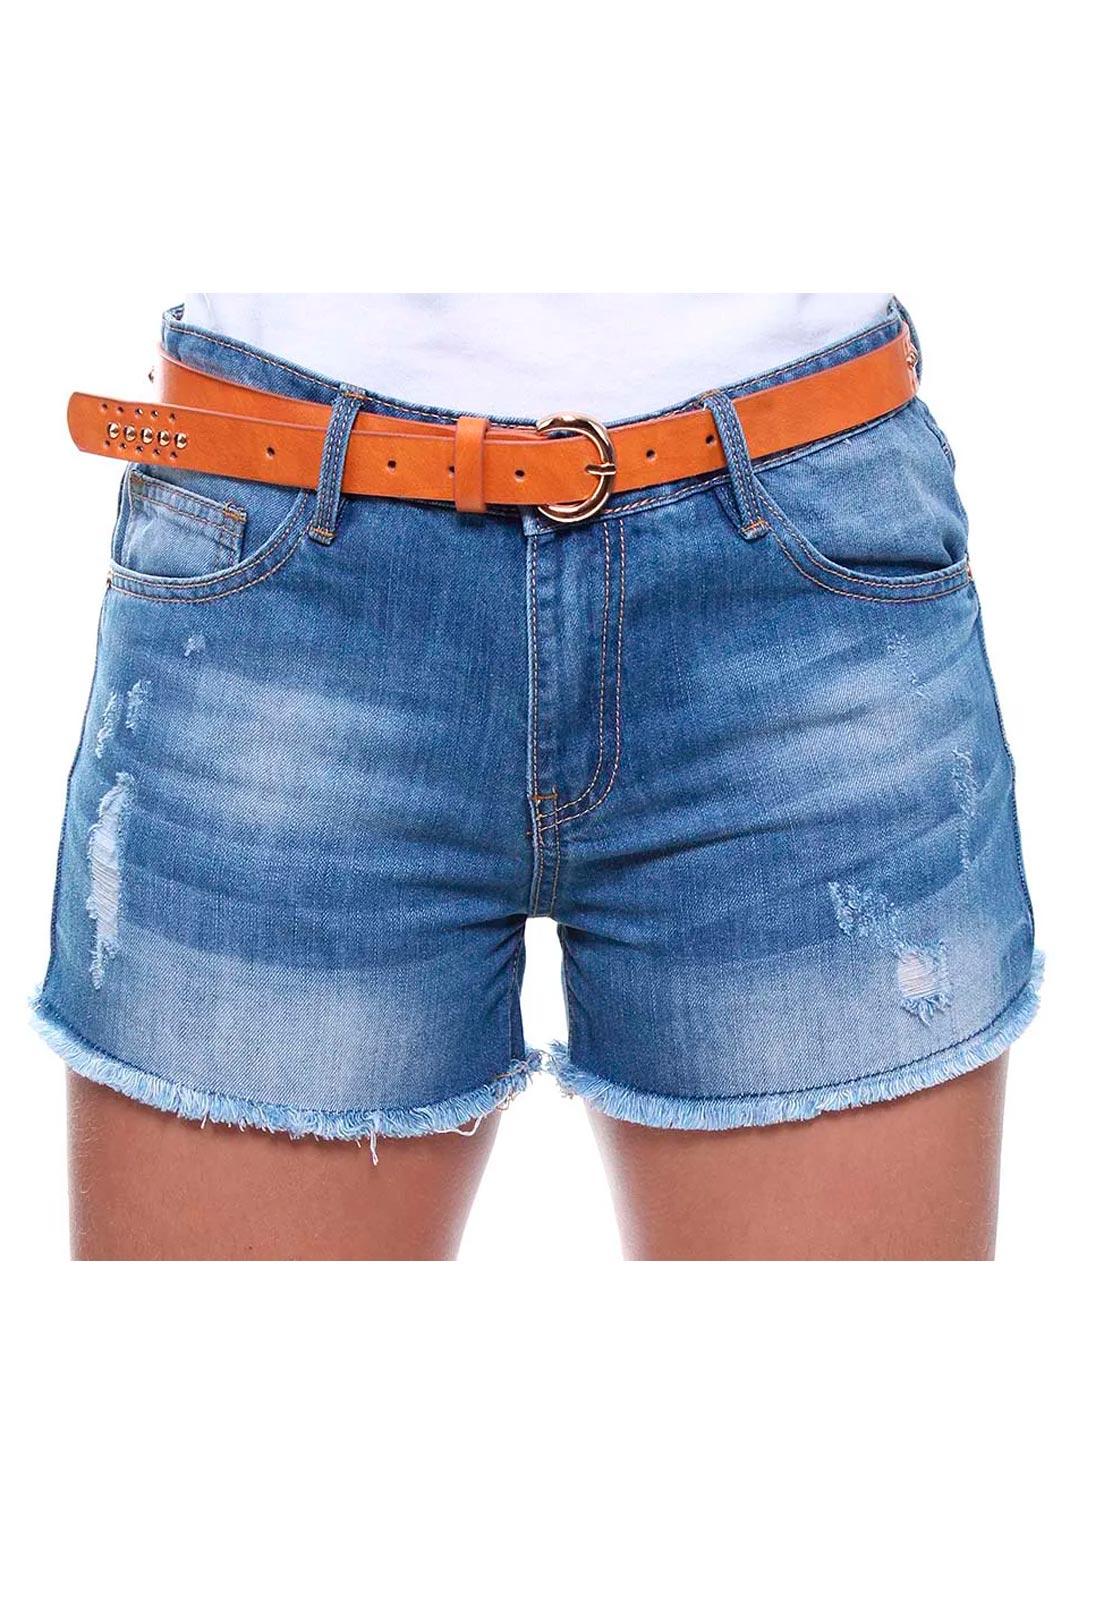 Short Jeans Feminino Curto Barra Desfiada Com Cinto Boy Crocker - 46452